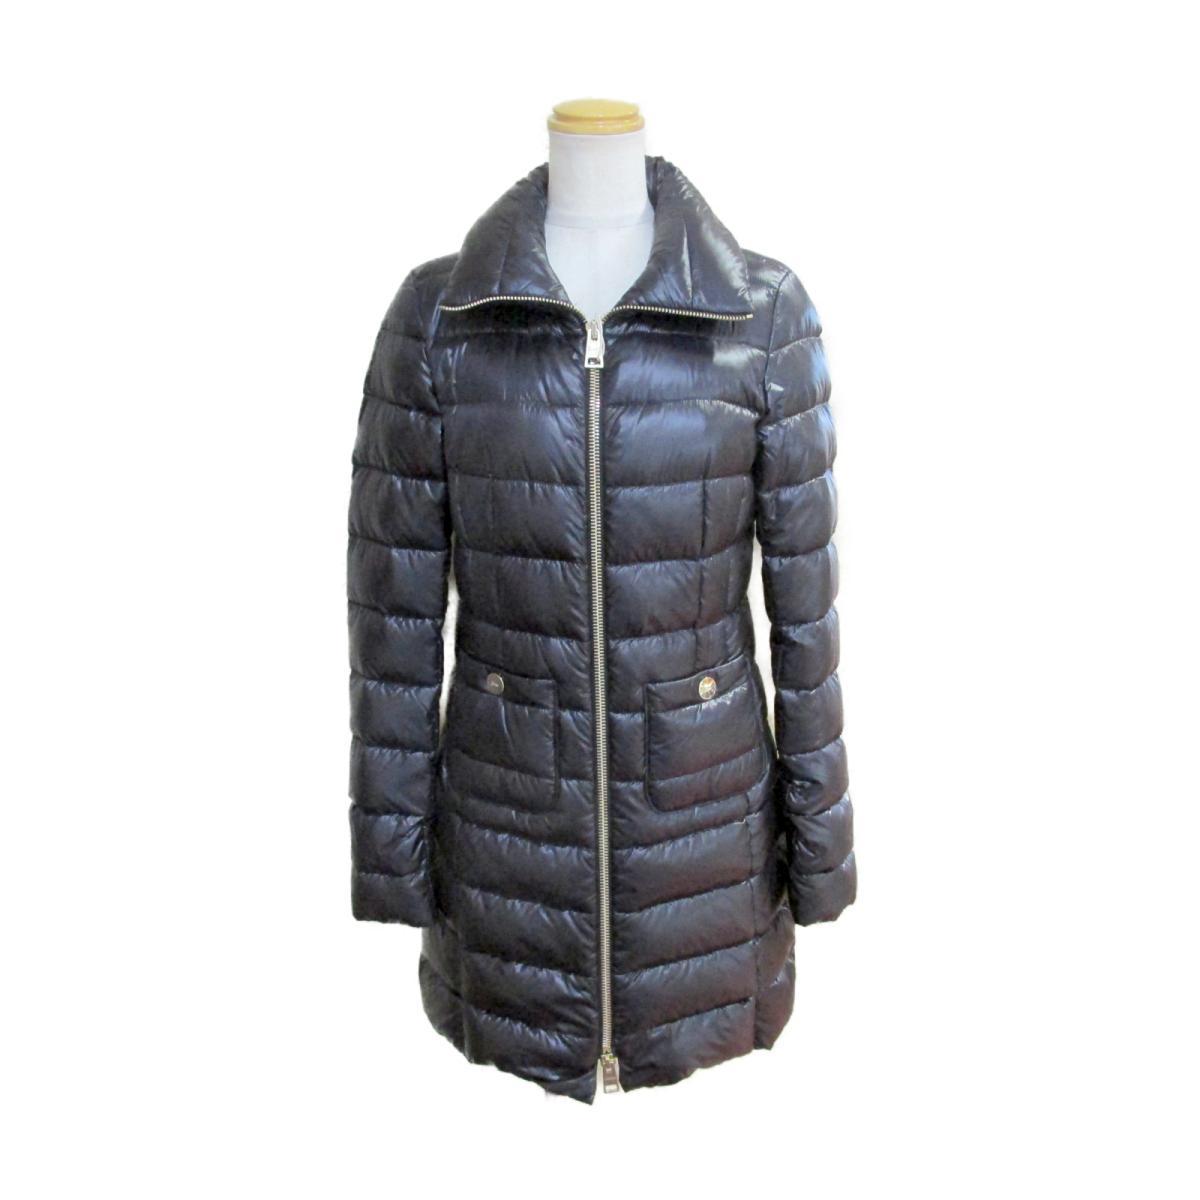 ヘルノ ジャケット レディース ポリアミド ブラック (PI0002DIC12017930038) | HERNO BRANDOFF ブランドオフ 衣料品 衣類 ブランド アウター コート